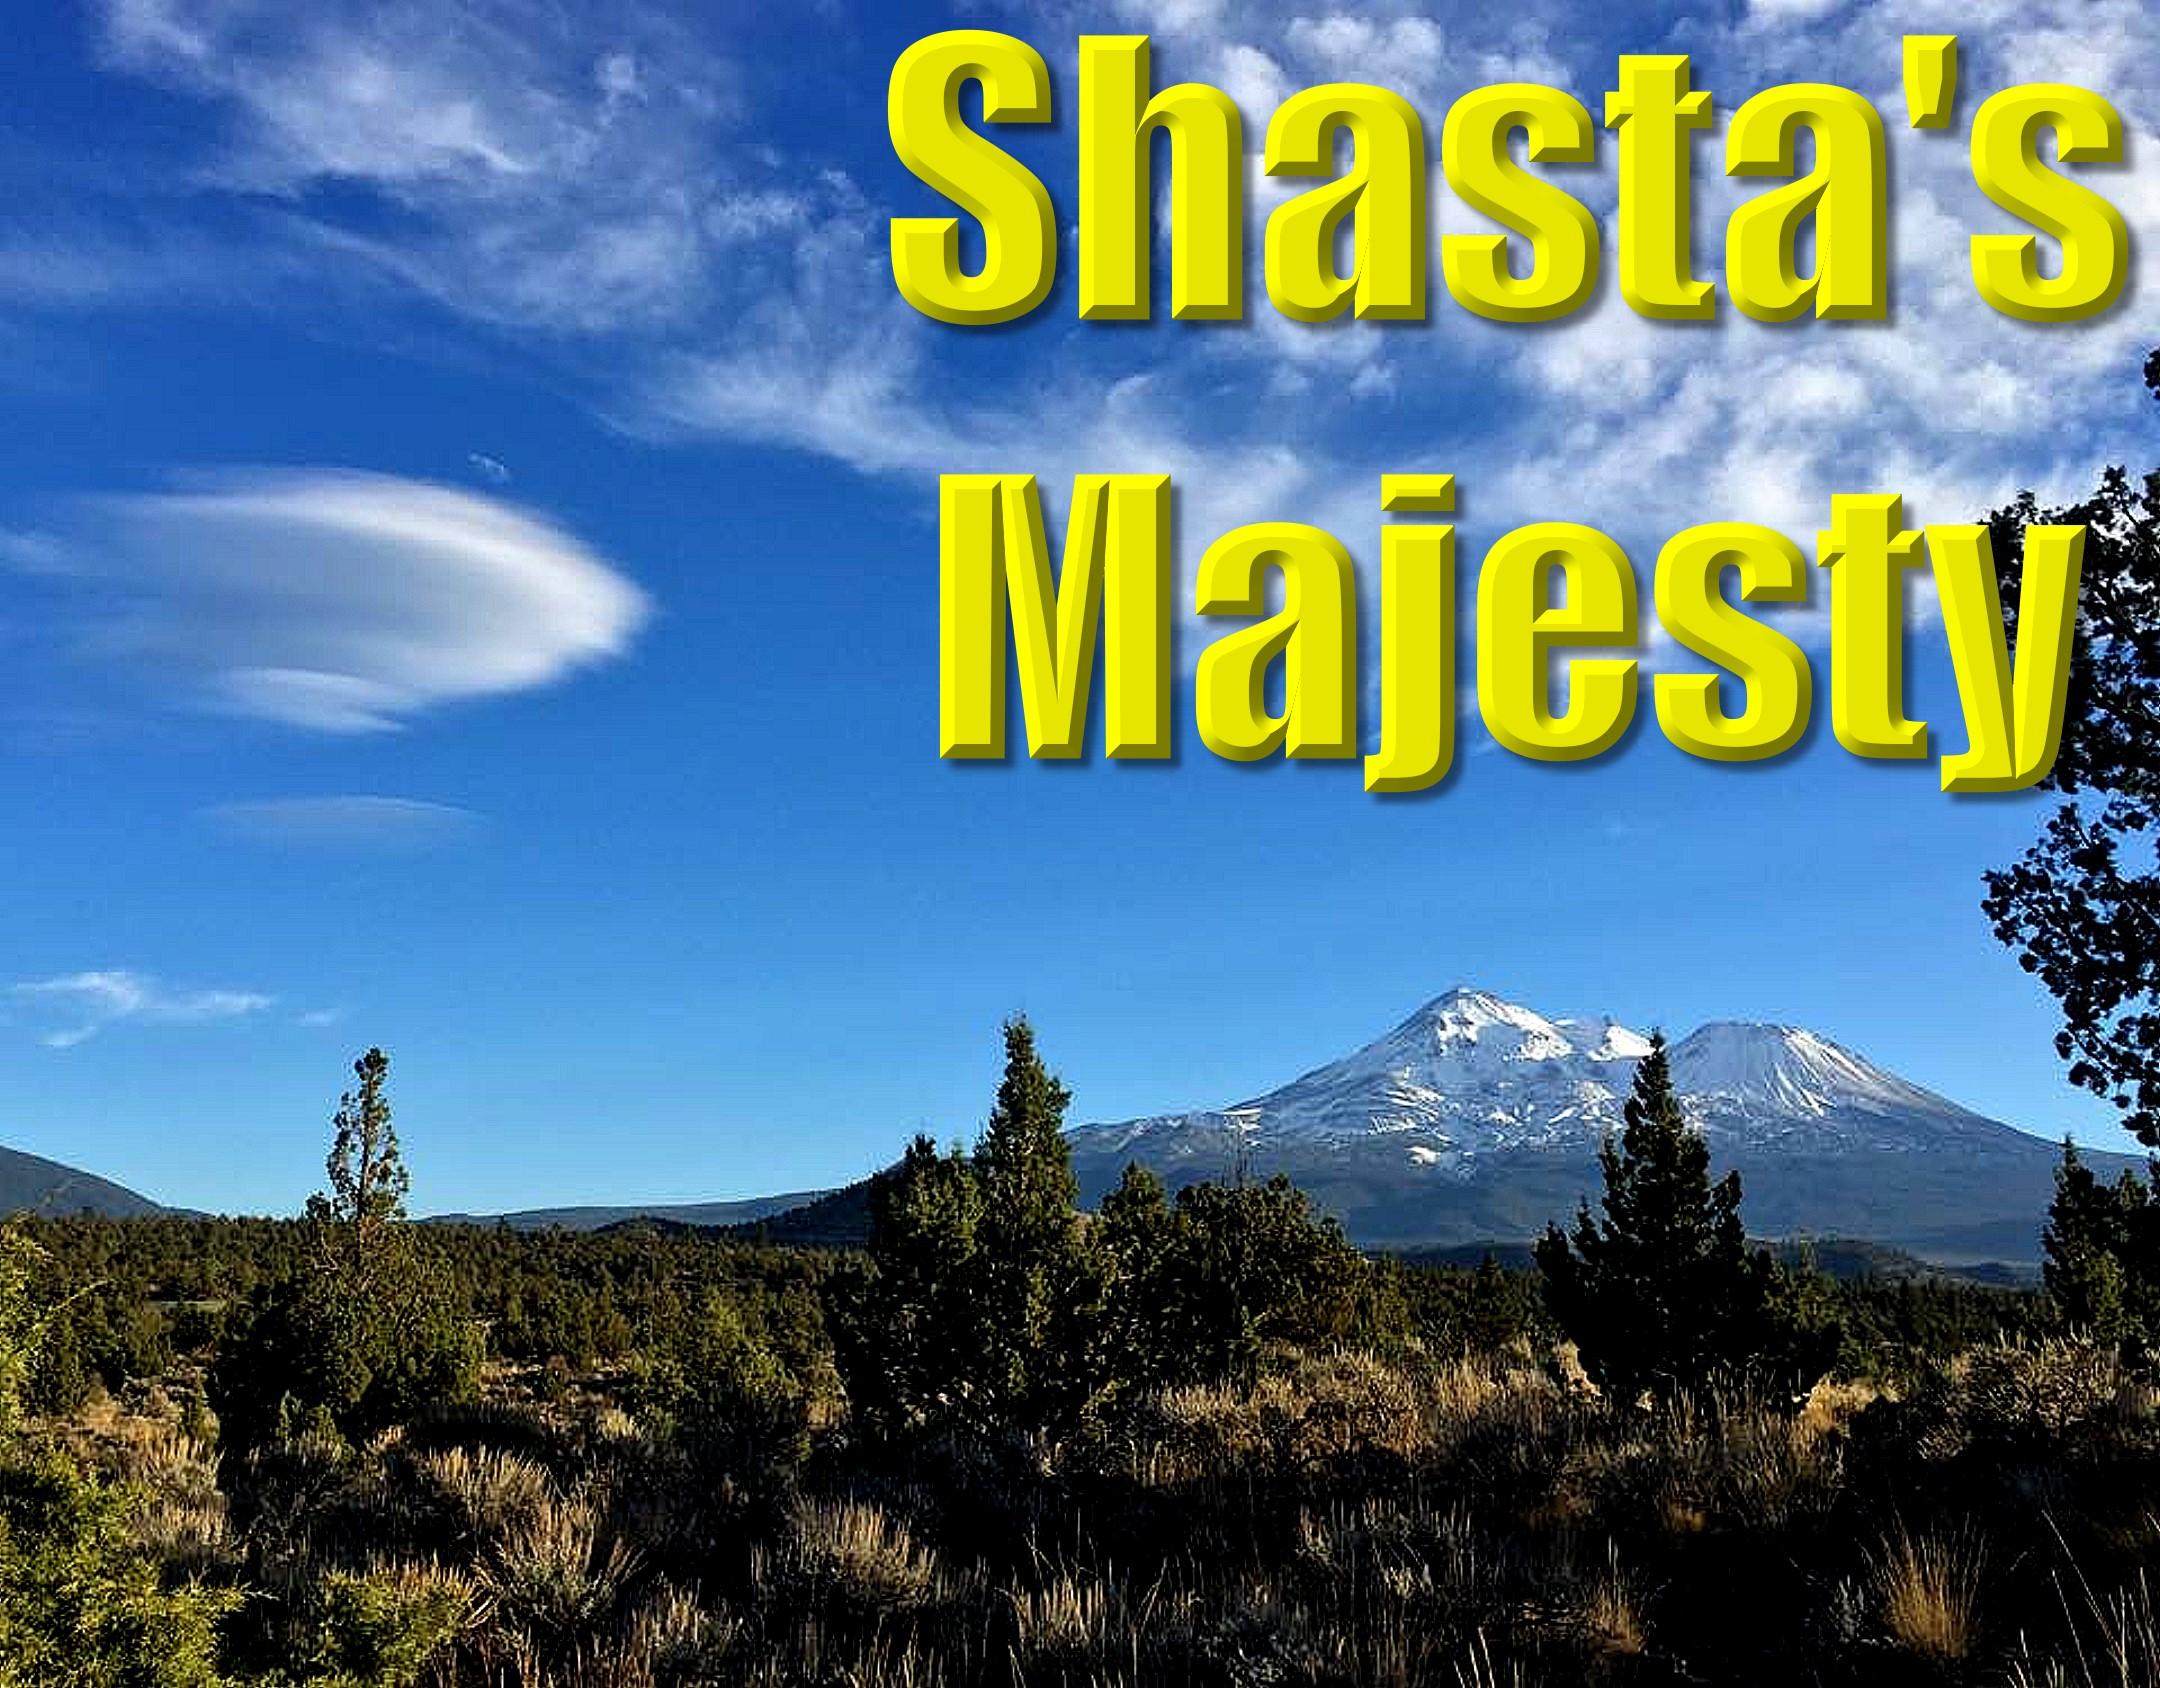 Mt-Shasta-2015-LENTICULAR-COVER-PICzv2-1